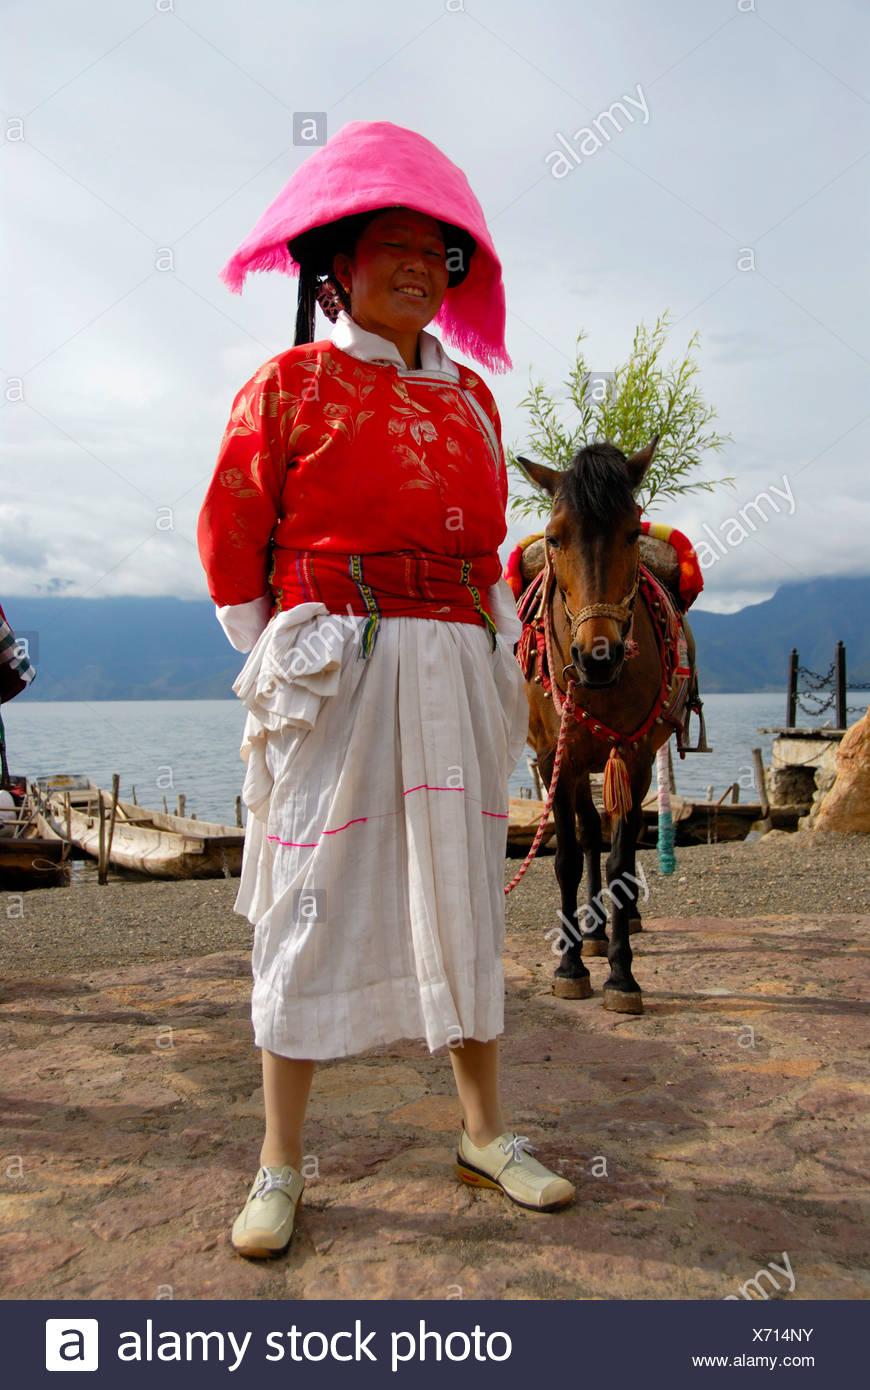 La etnología, mujer de la etnia Mosu vestidas en trajes tradicionales con el caballo, Luoshui, Lago Lugu Hu, provincia de Yunnan, Peopl Imagen De Stock